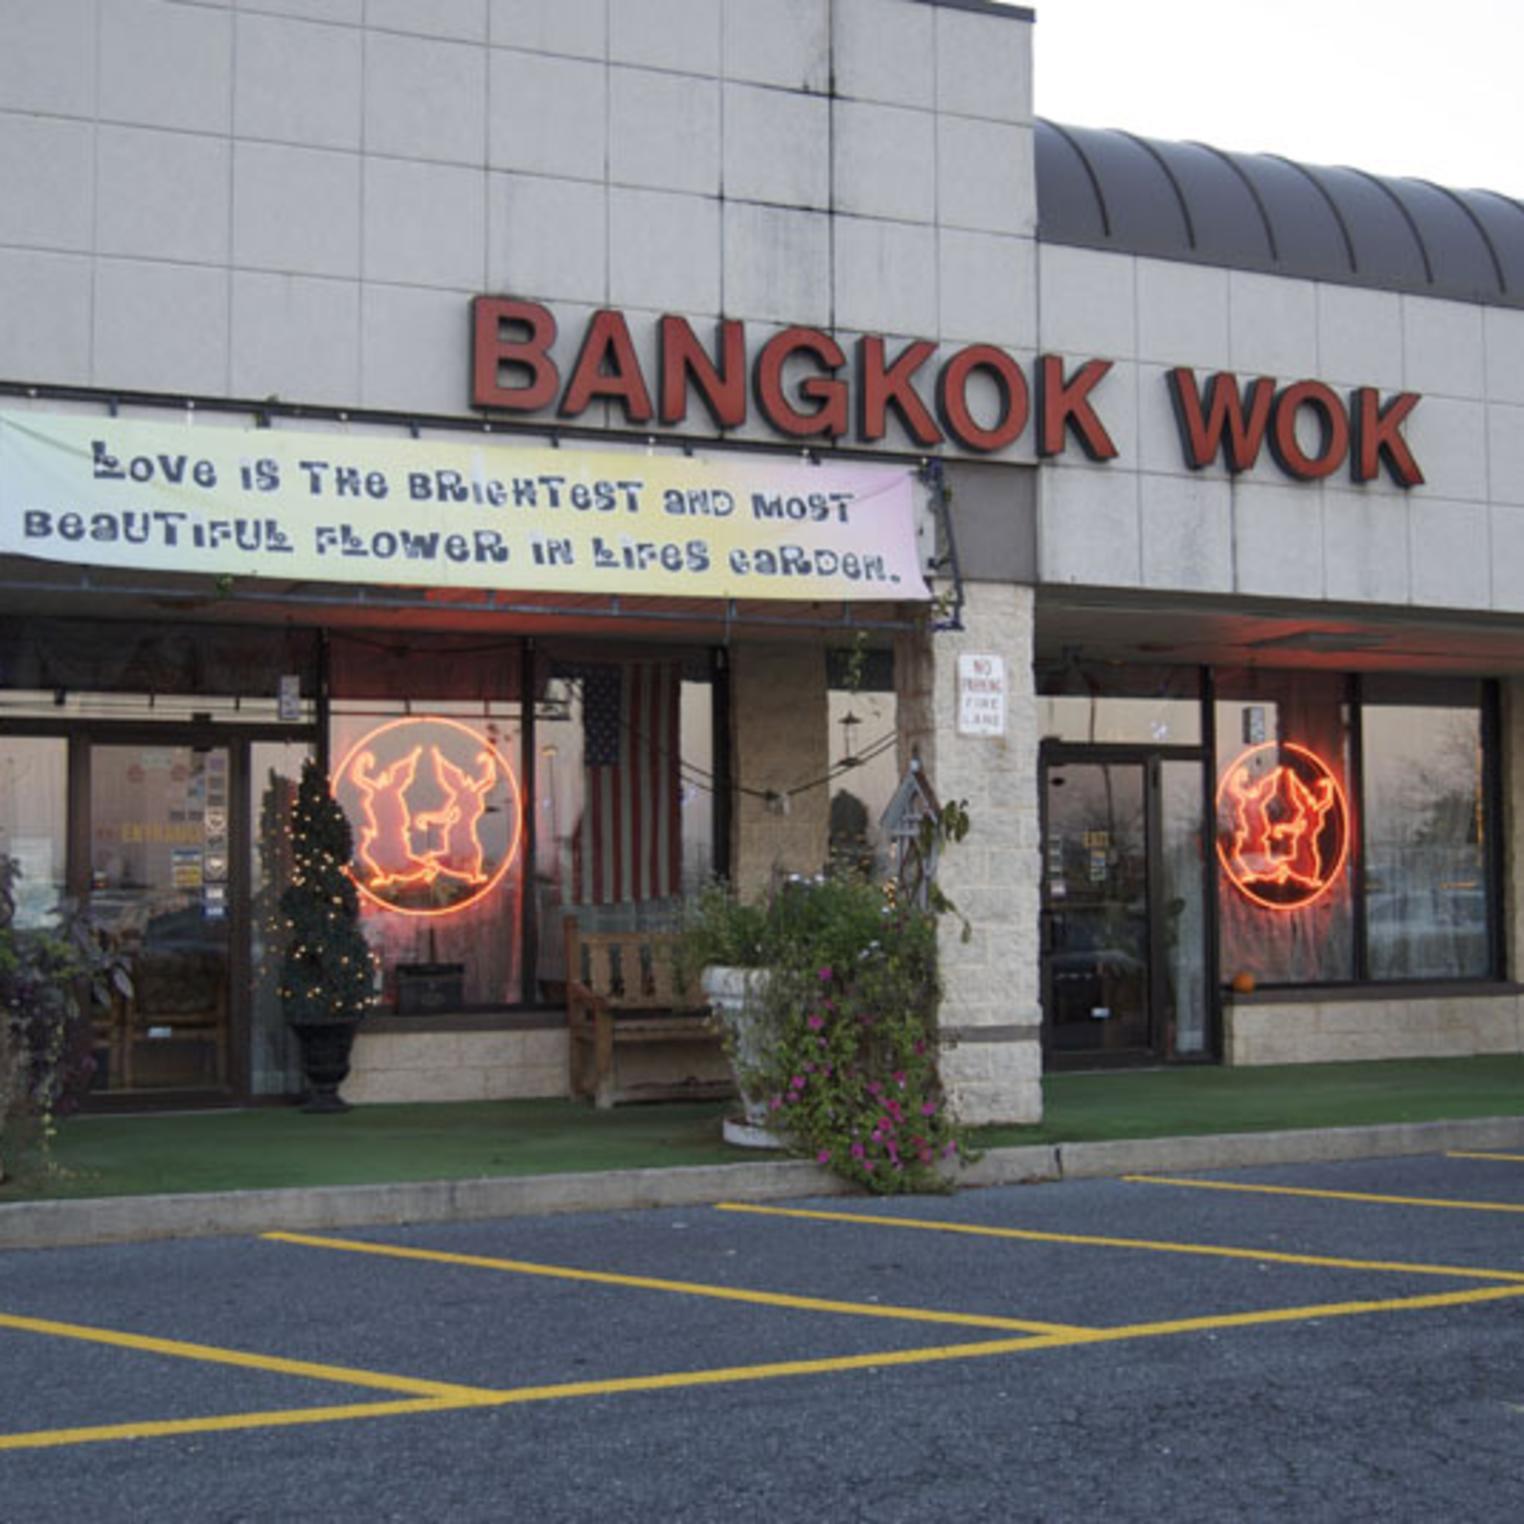 Bangkok Wok Exterior